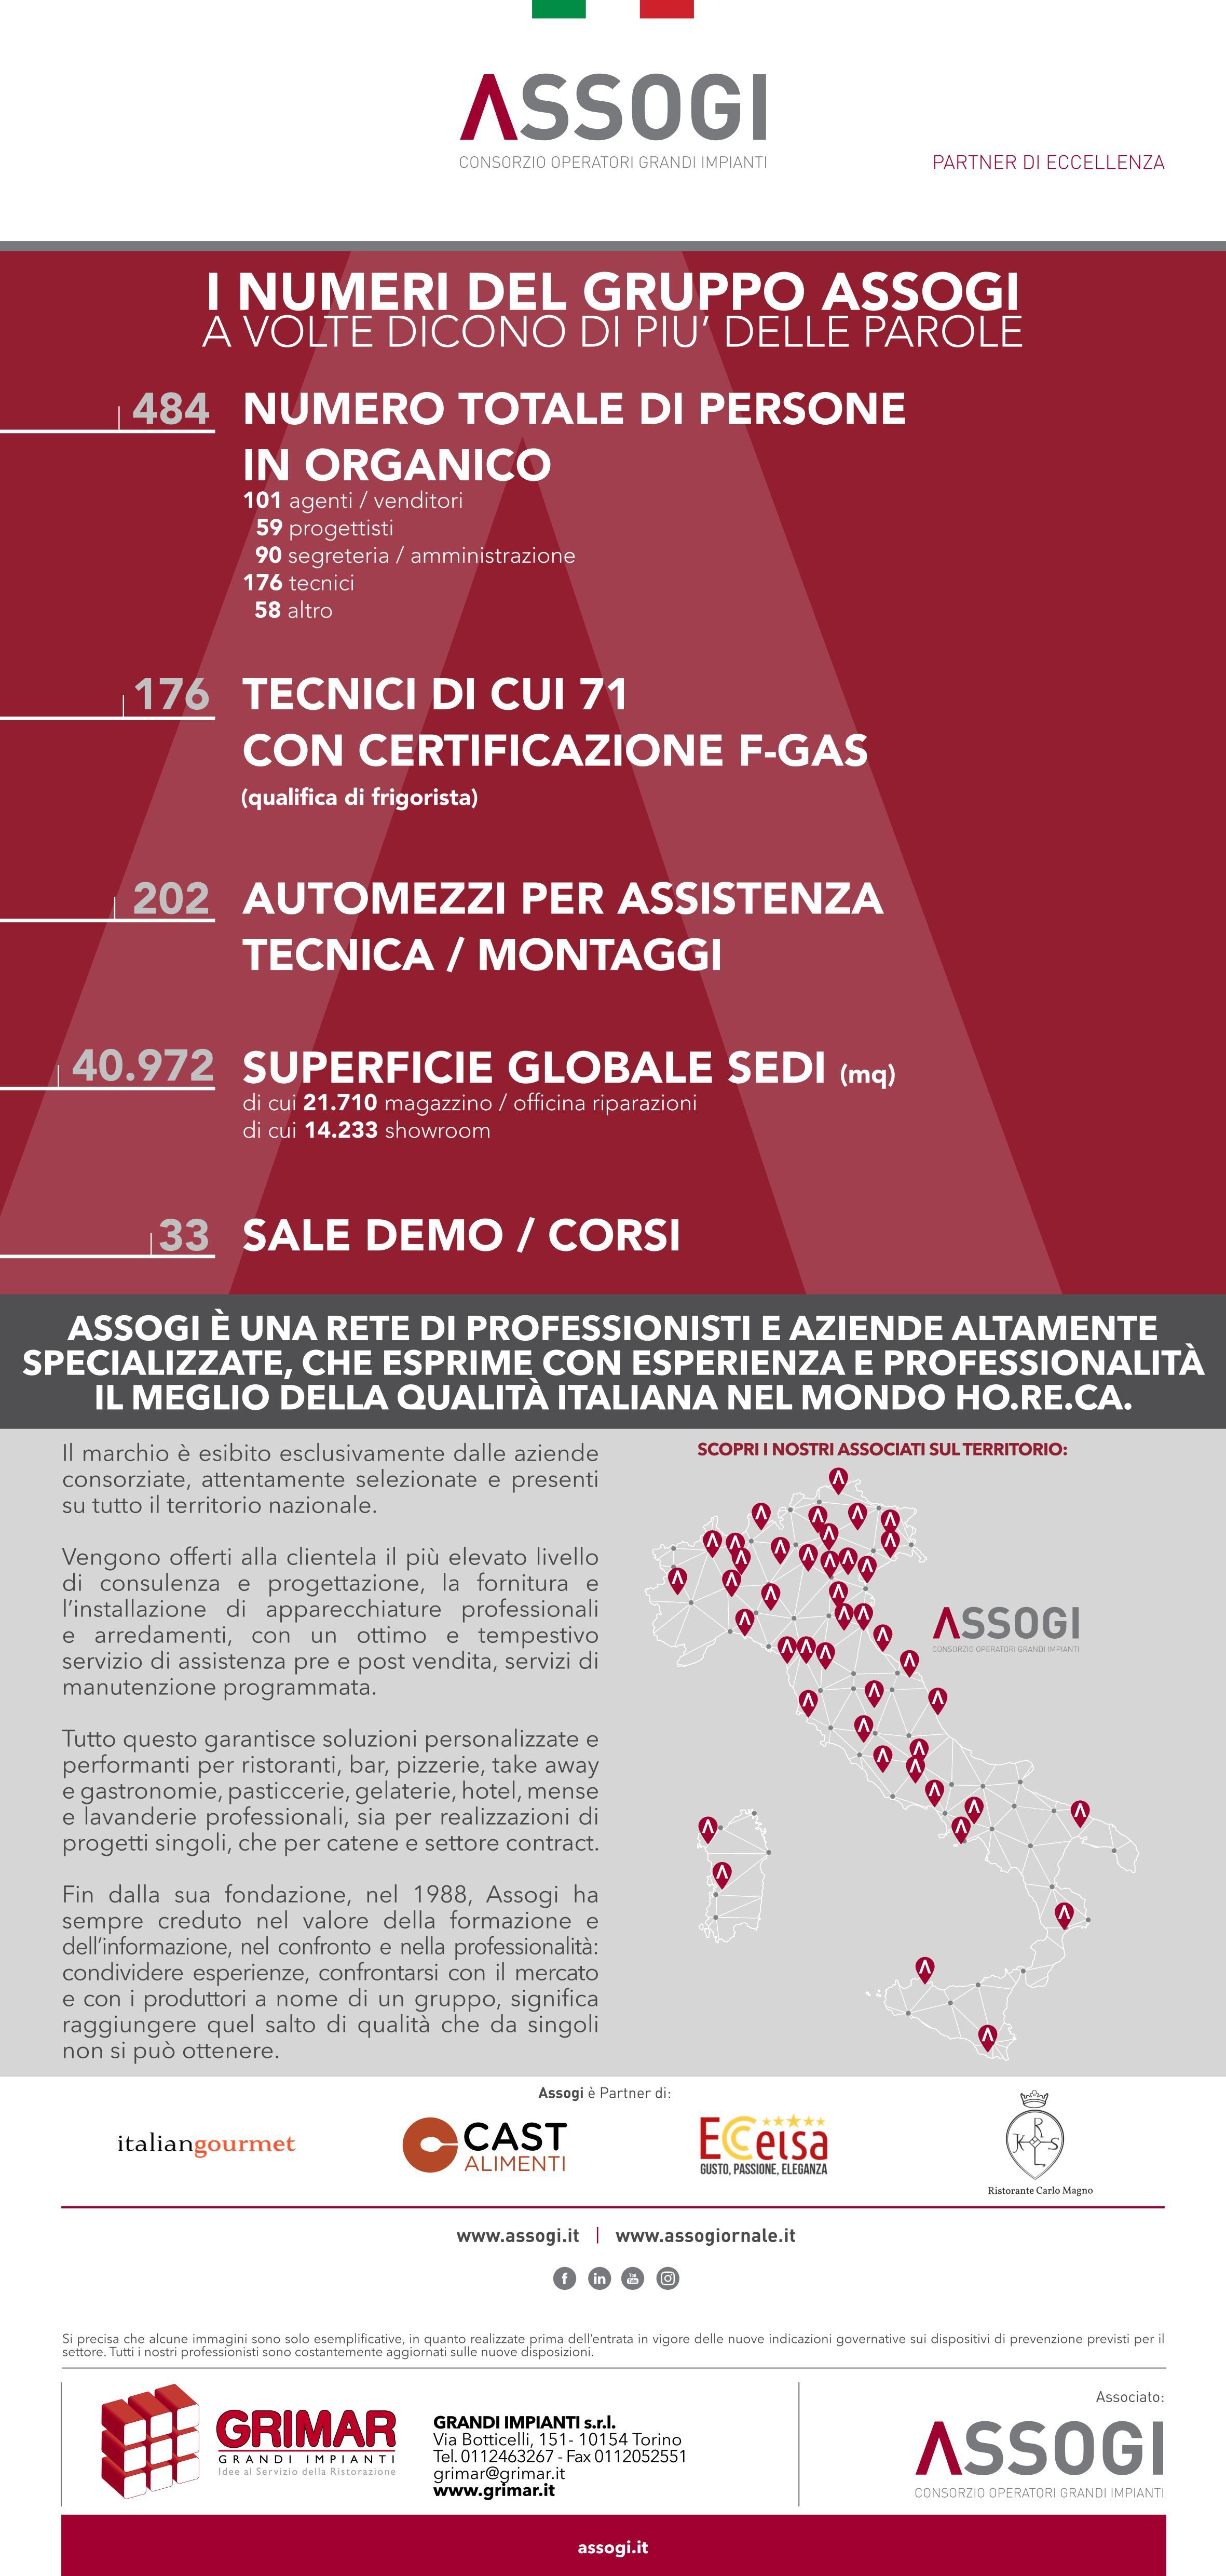 assisto_assogi_03